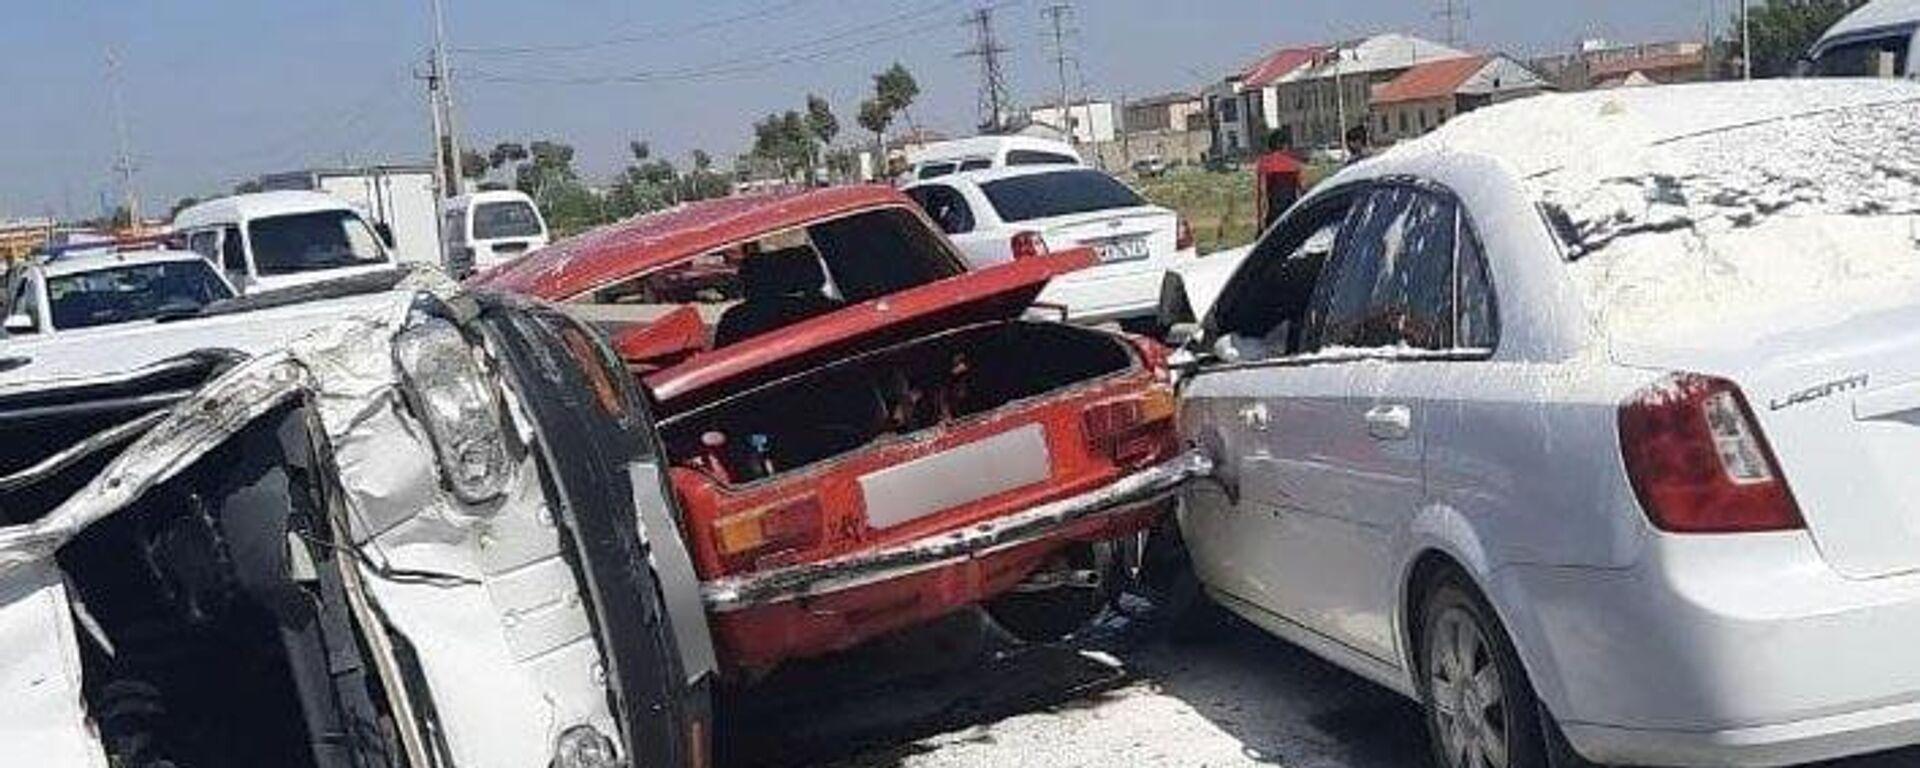 Массовое ДТП в Самаркандской области: четыре автомобиля столкнулись на трассе - Sputnik Узбекистан, 1920, 17.08.2021